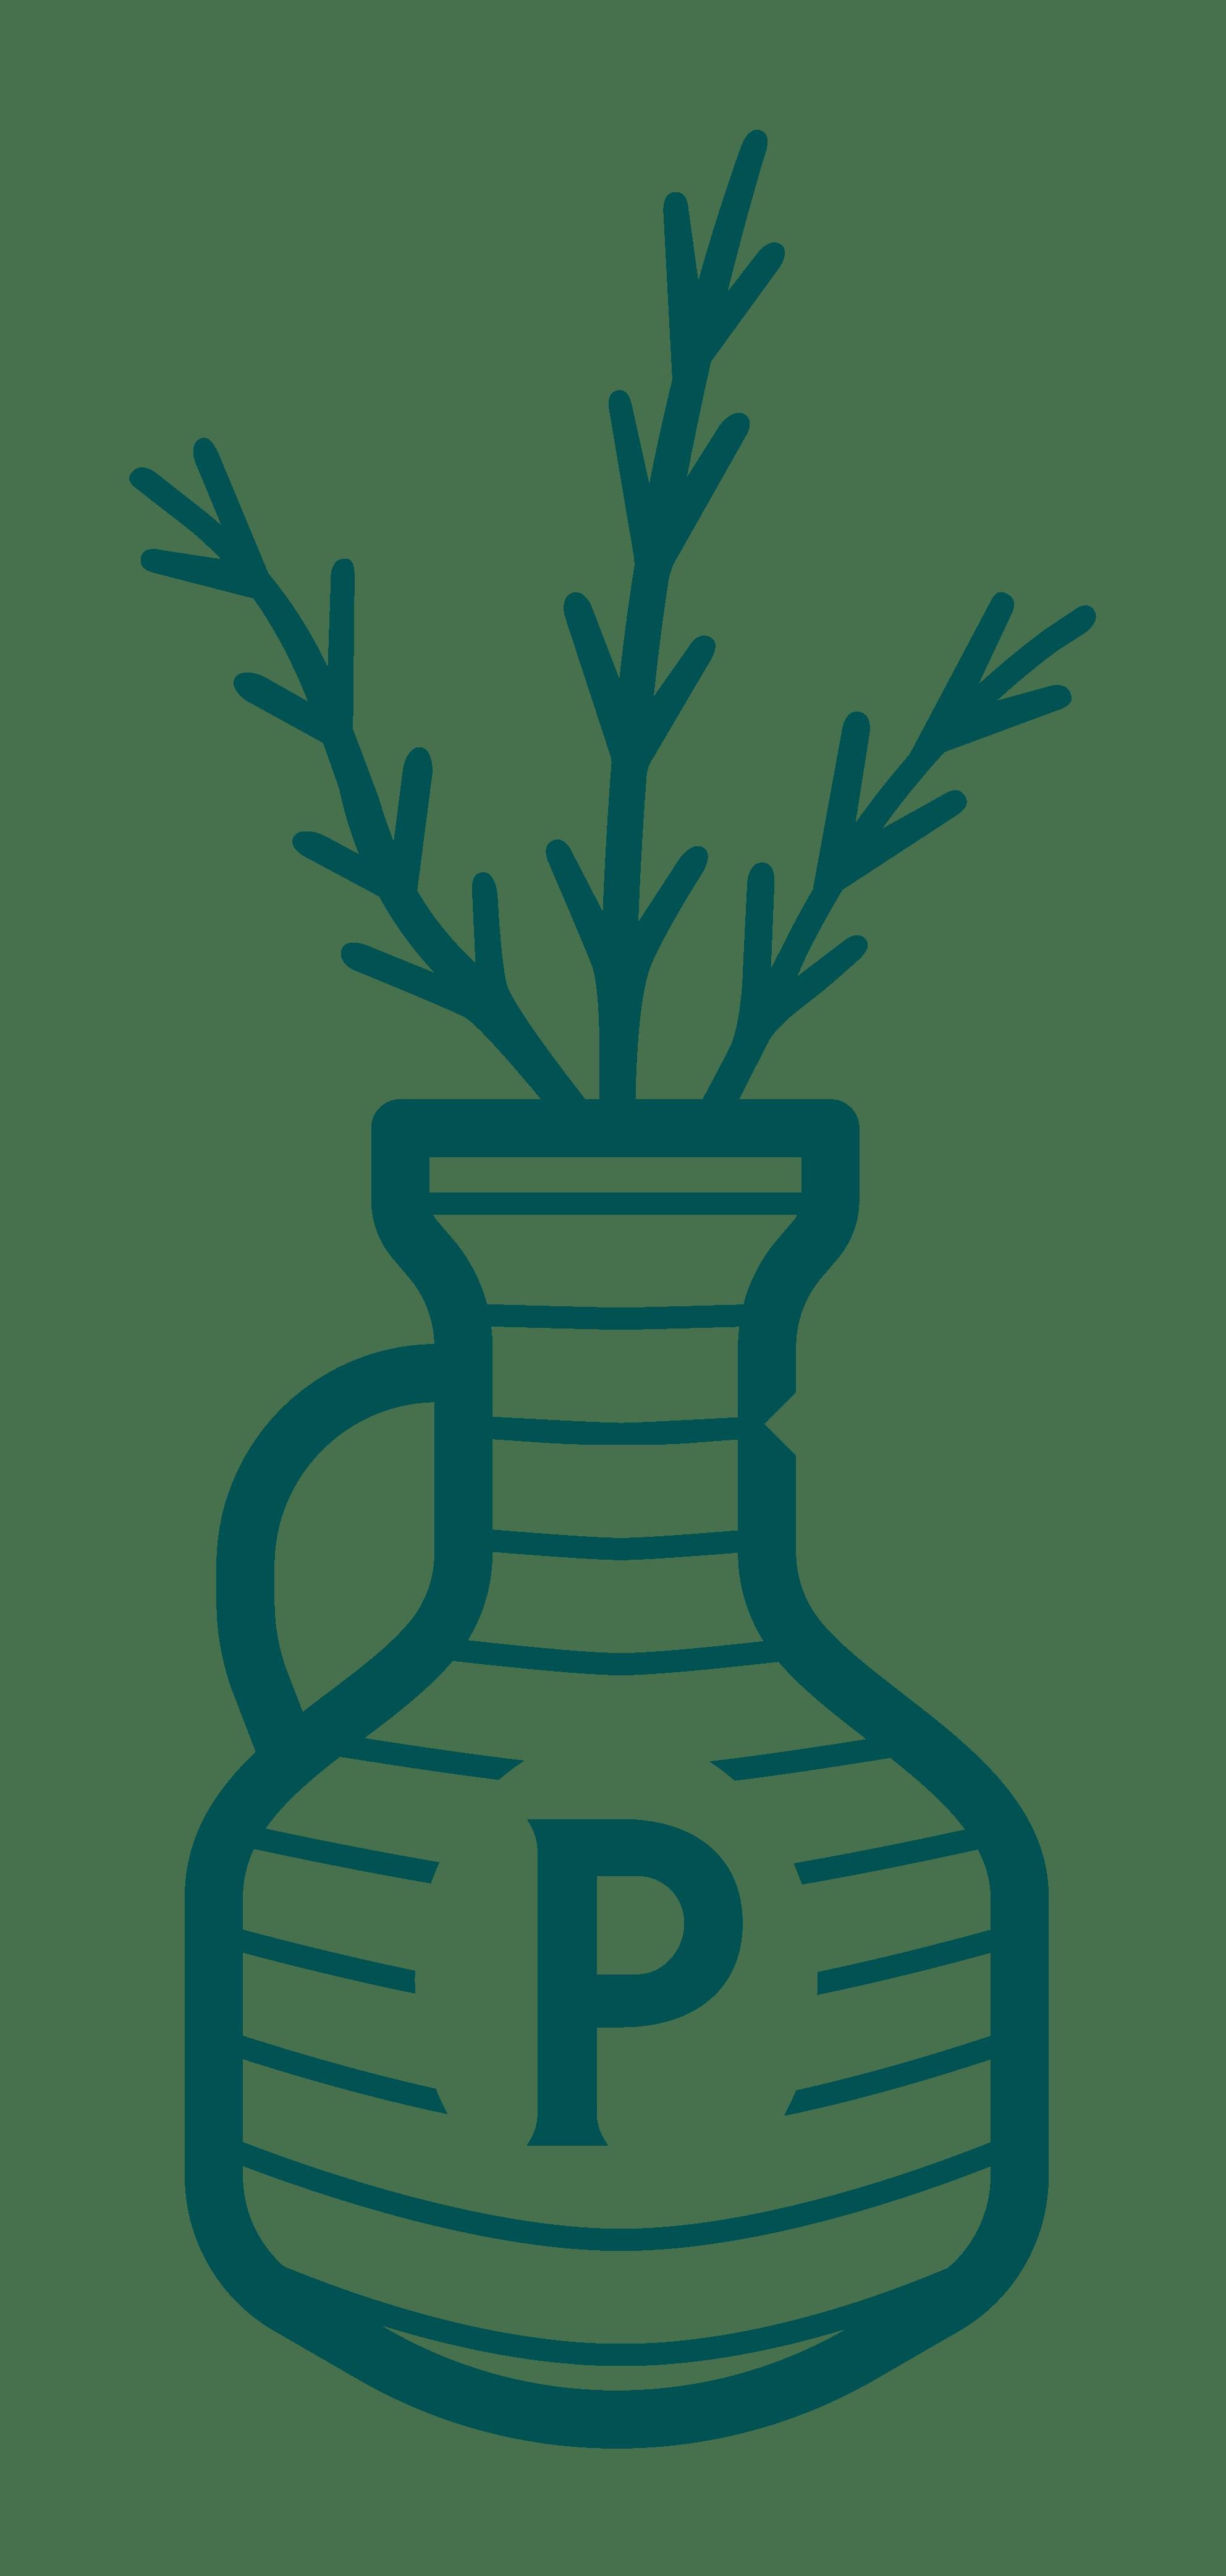 Vase logo-green